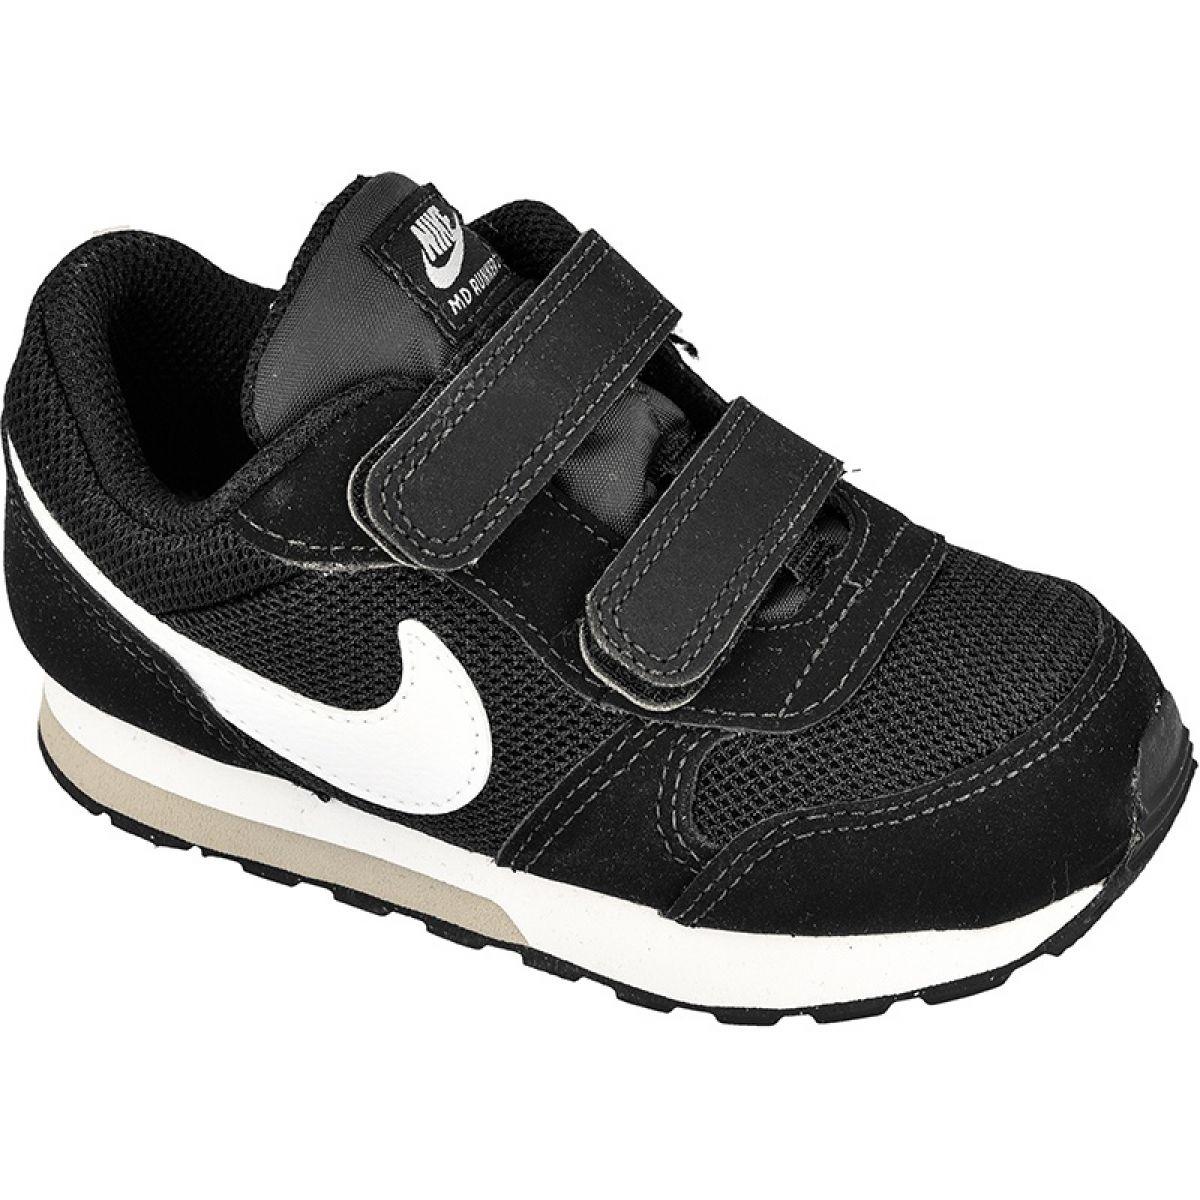 Nike, MD Runner Sneakers Cipő Tépőzáras Rögzítéssel, Fekete